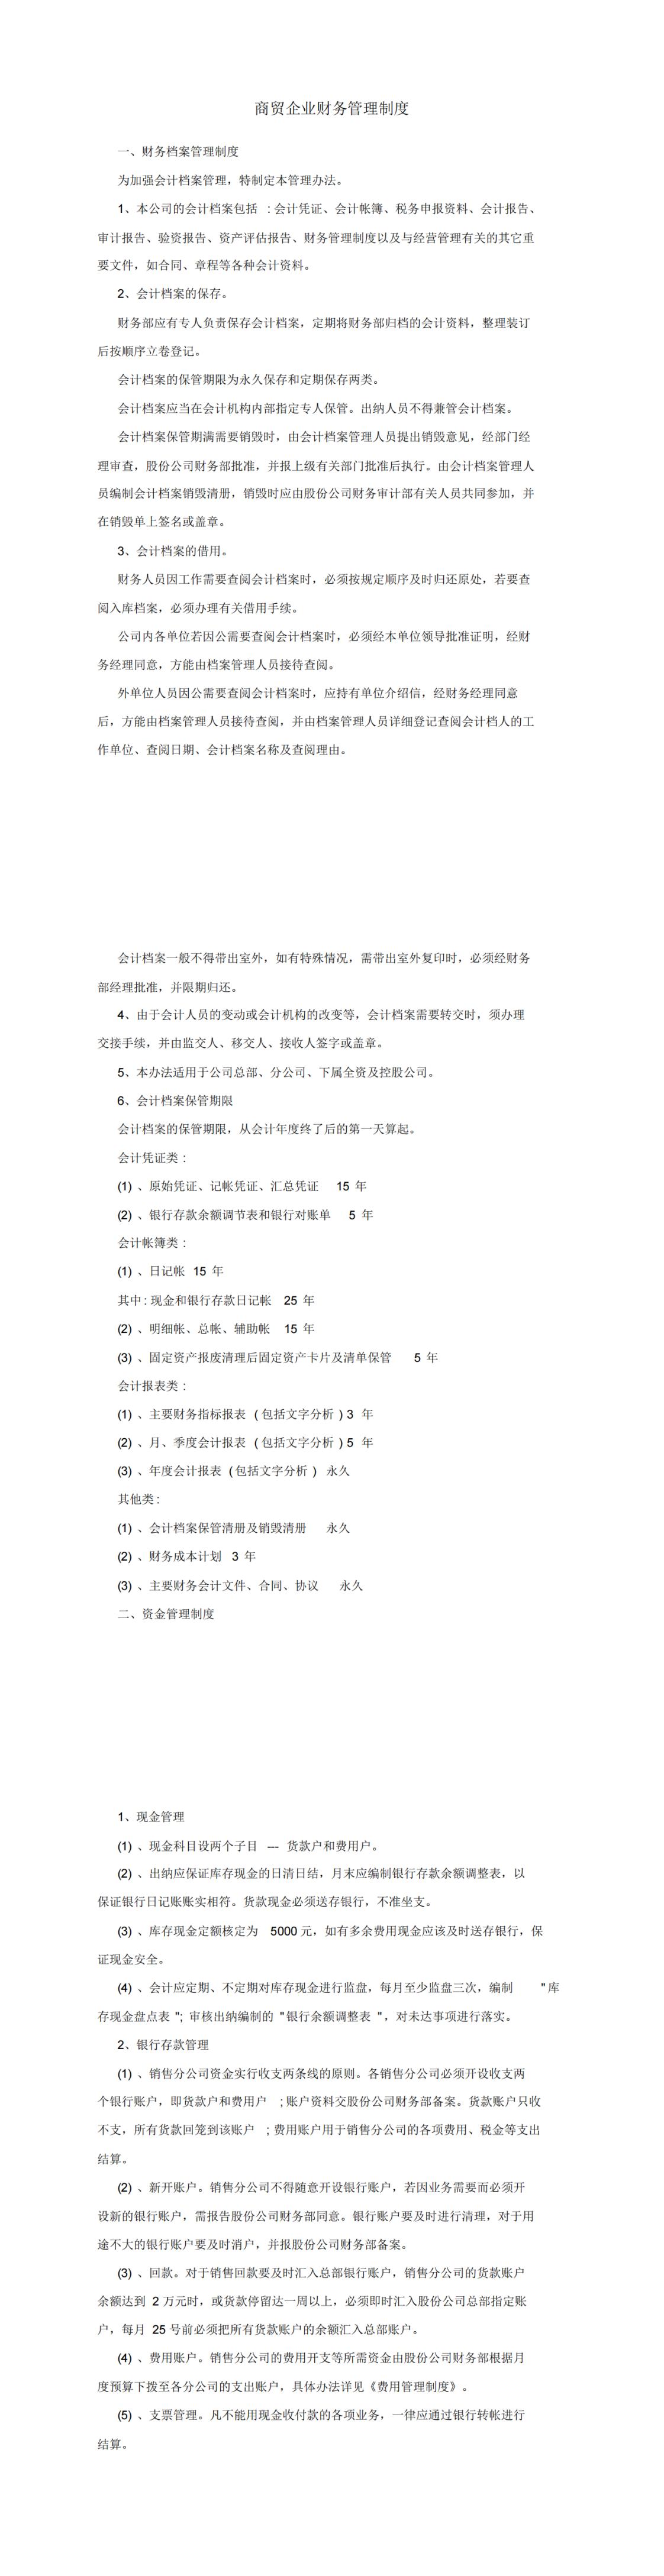 商贸企业财务管理制度_0.png